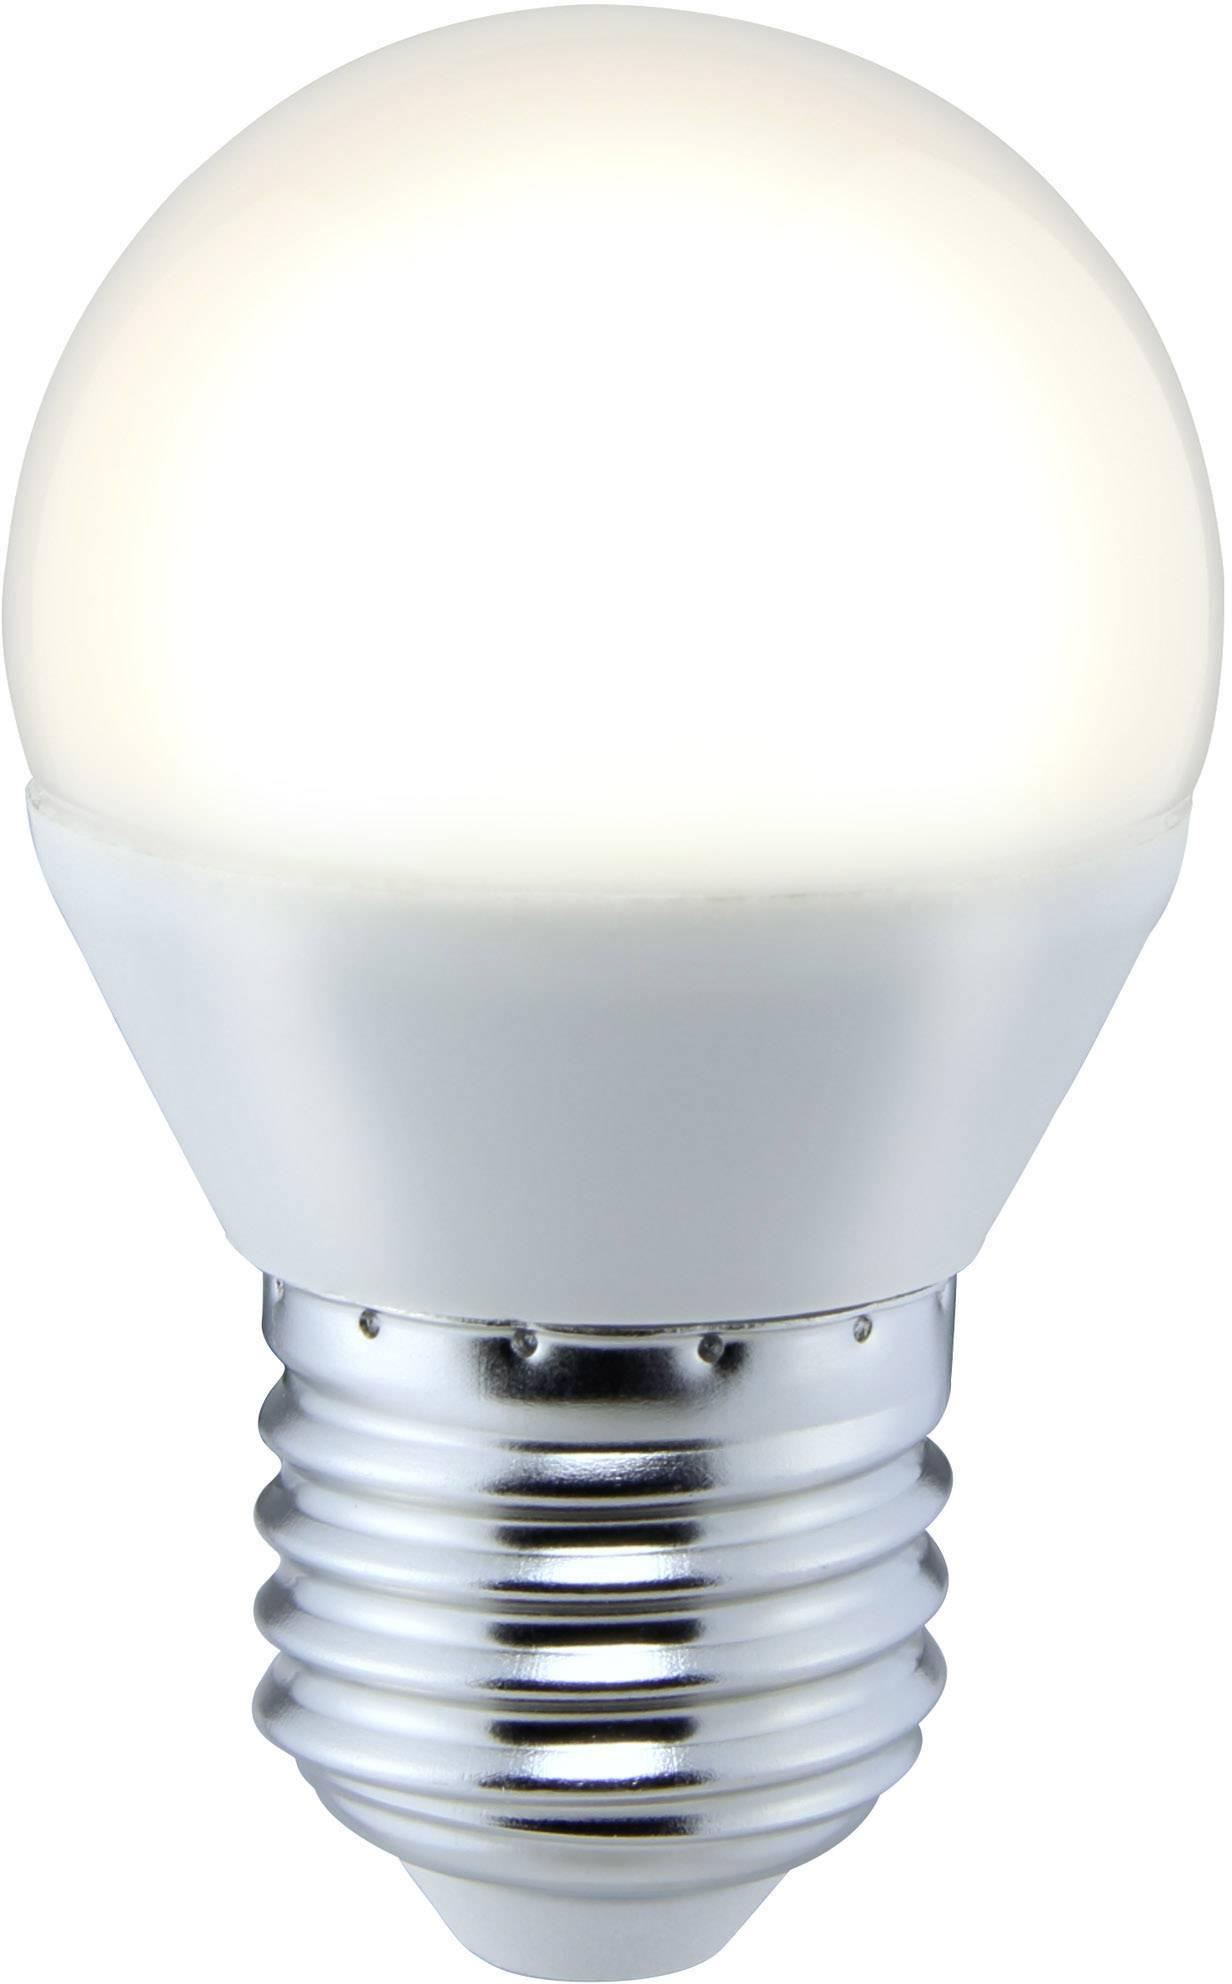 LED žiarovka 73 mm sygonix 230 V 5 W = 35 W 1 ks